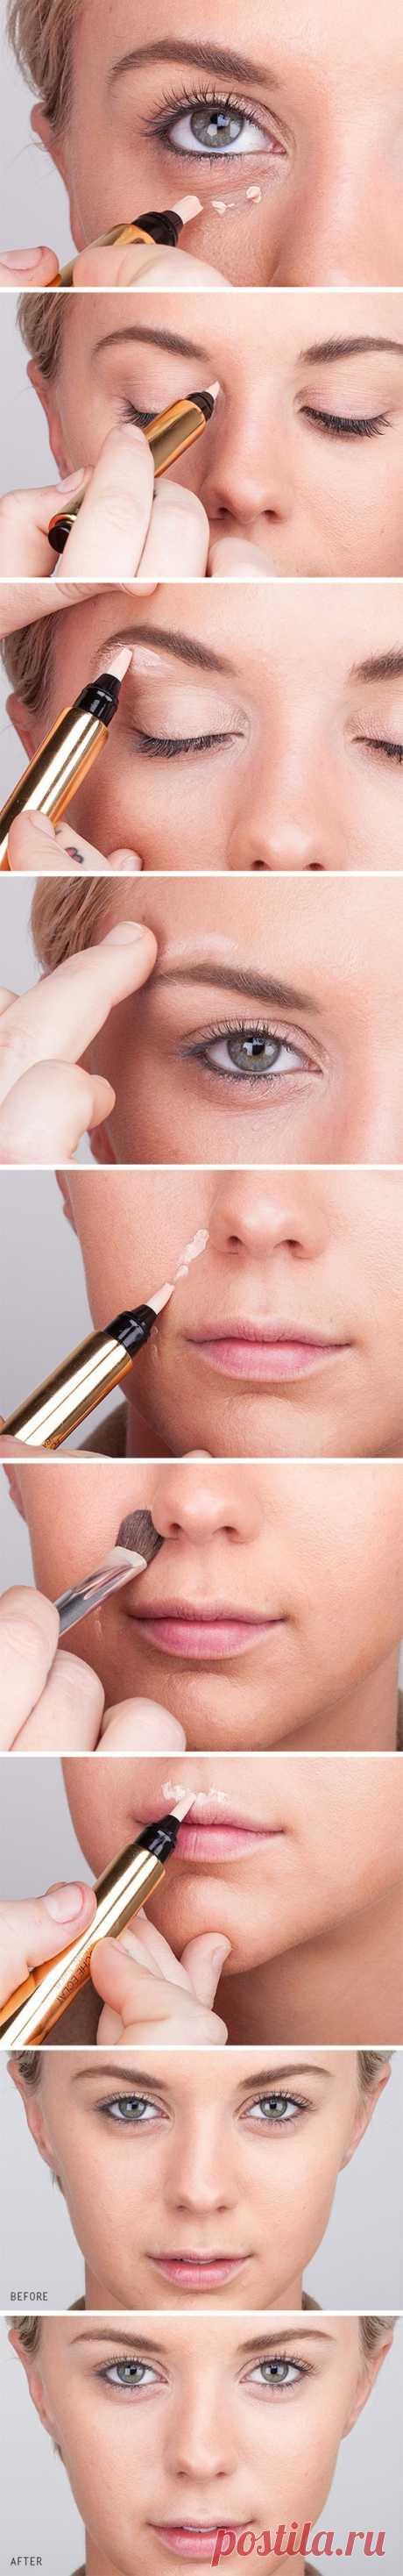 Как скрыть недостатки кожи с помощью консилера? Должна знать каждая!